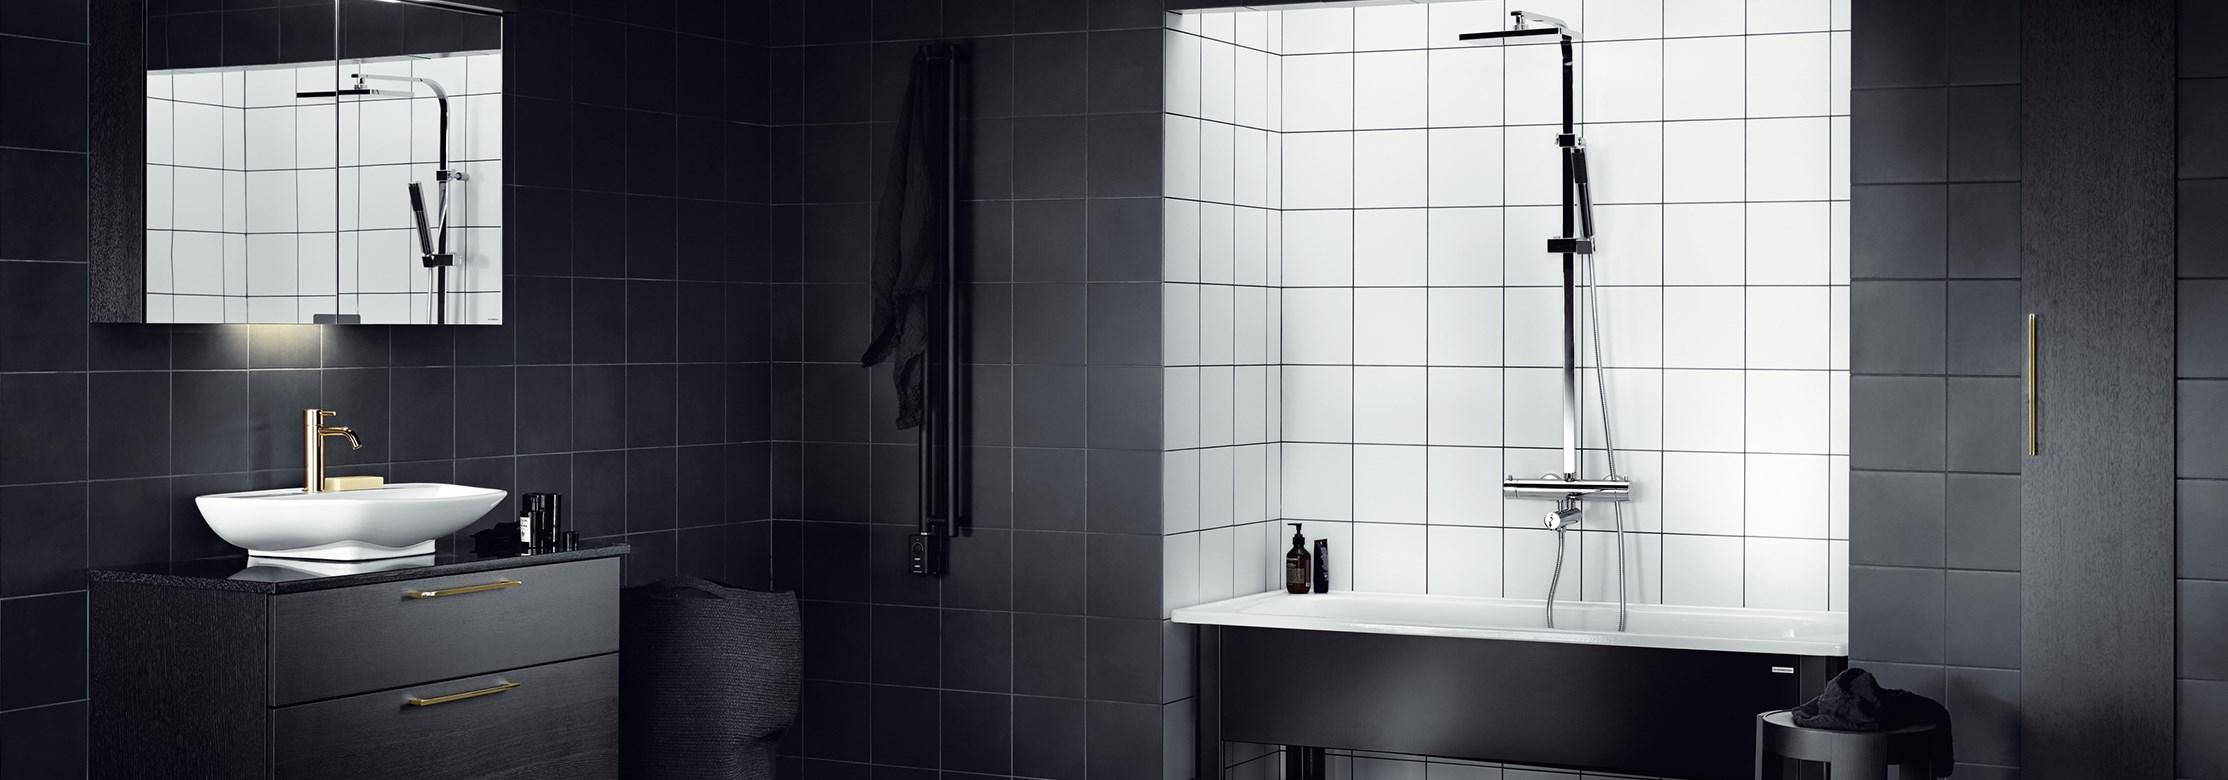 Tips för att förbättra ditt badrum